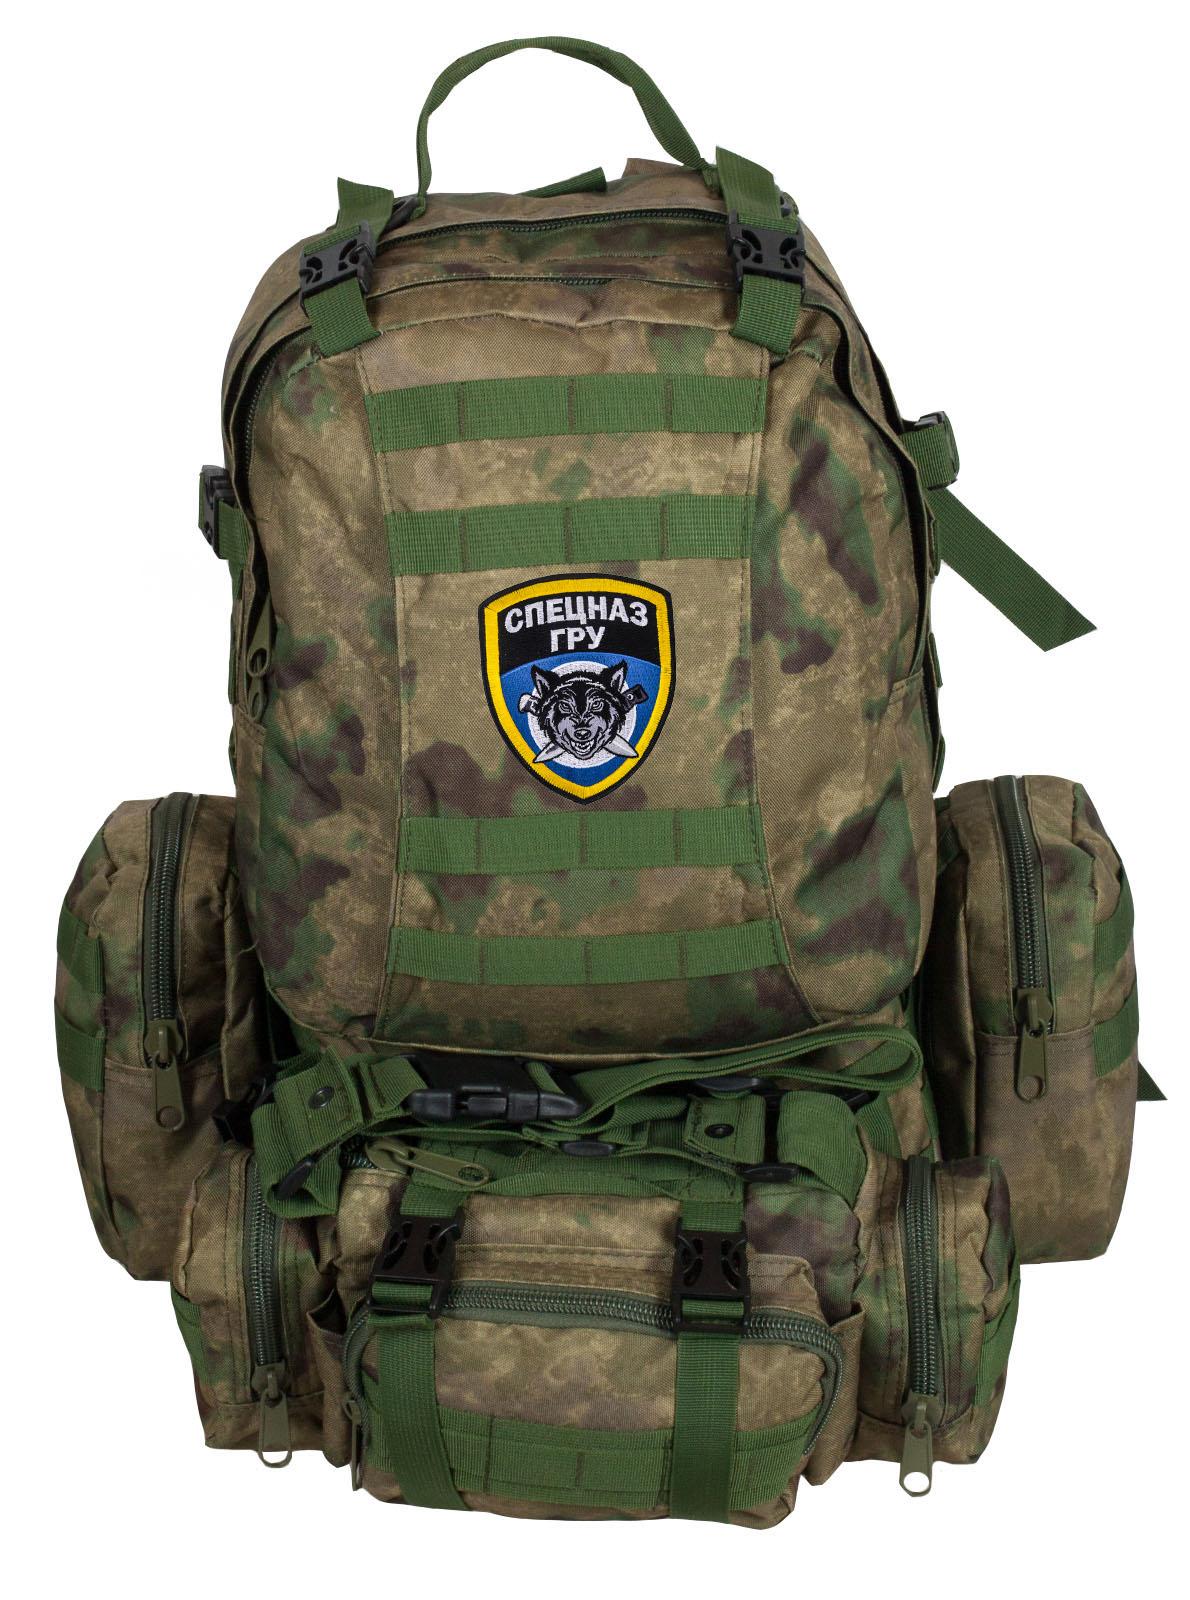 Купить большой камуфляжный рюкзак Спецназа ГРУ